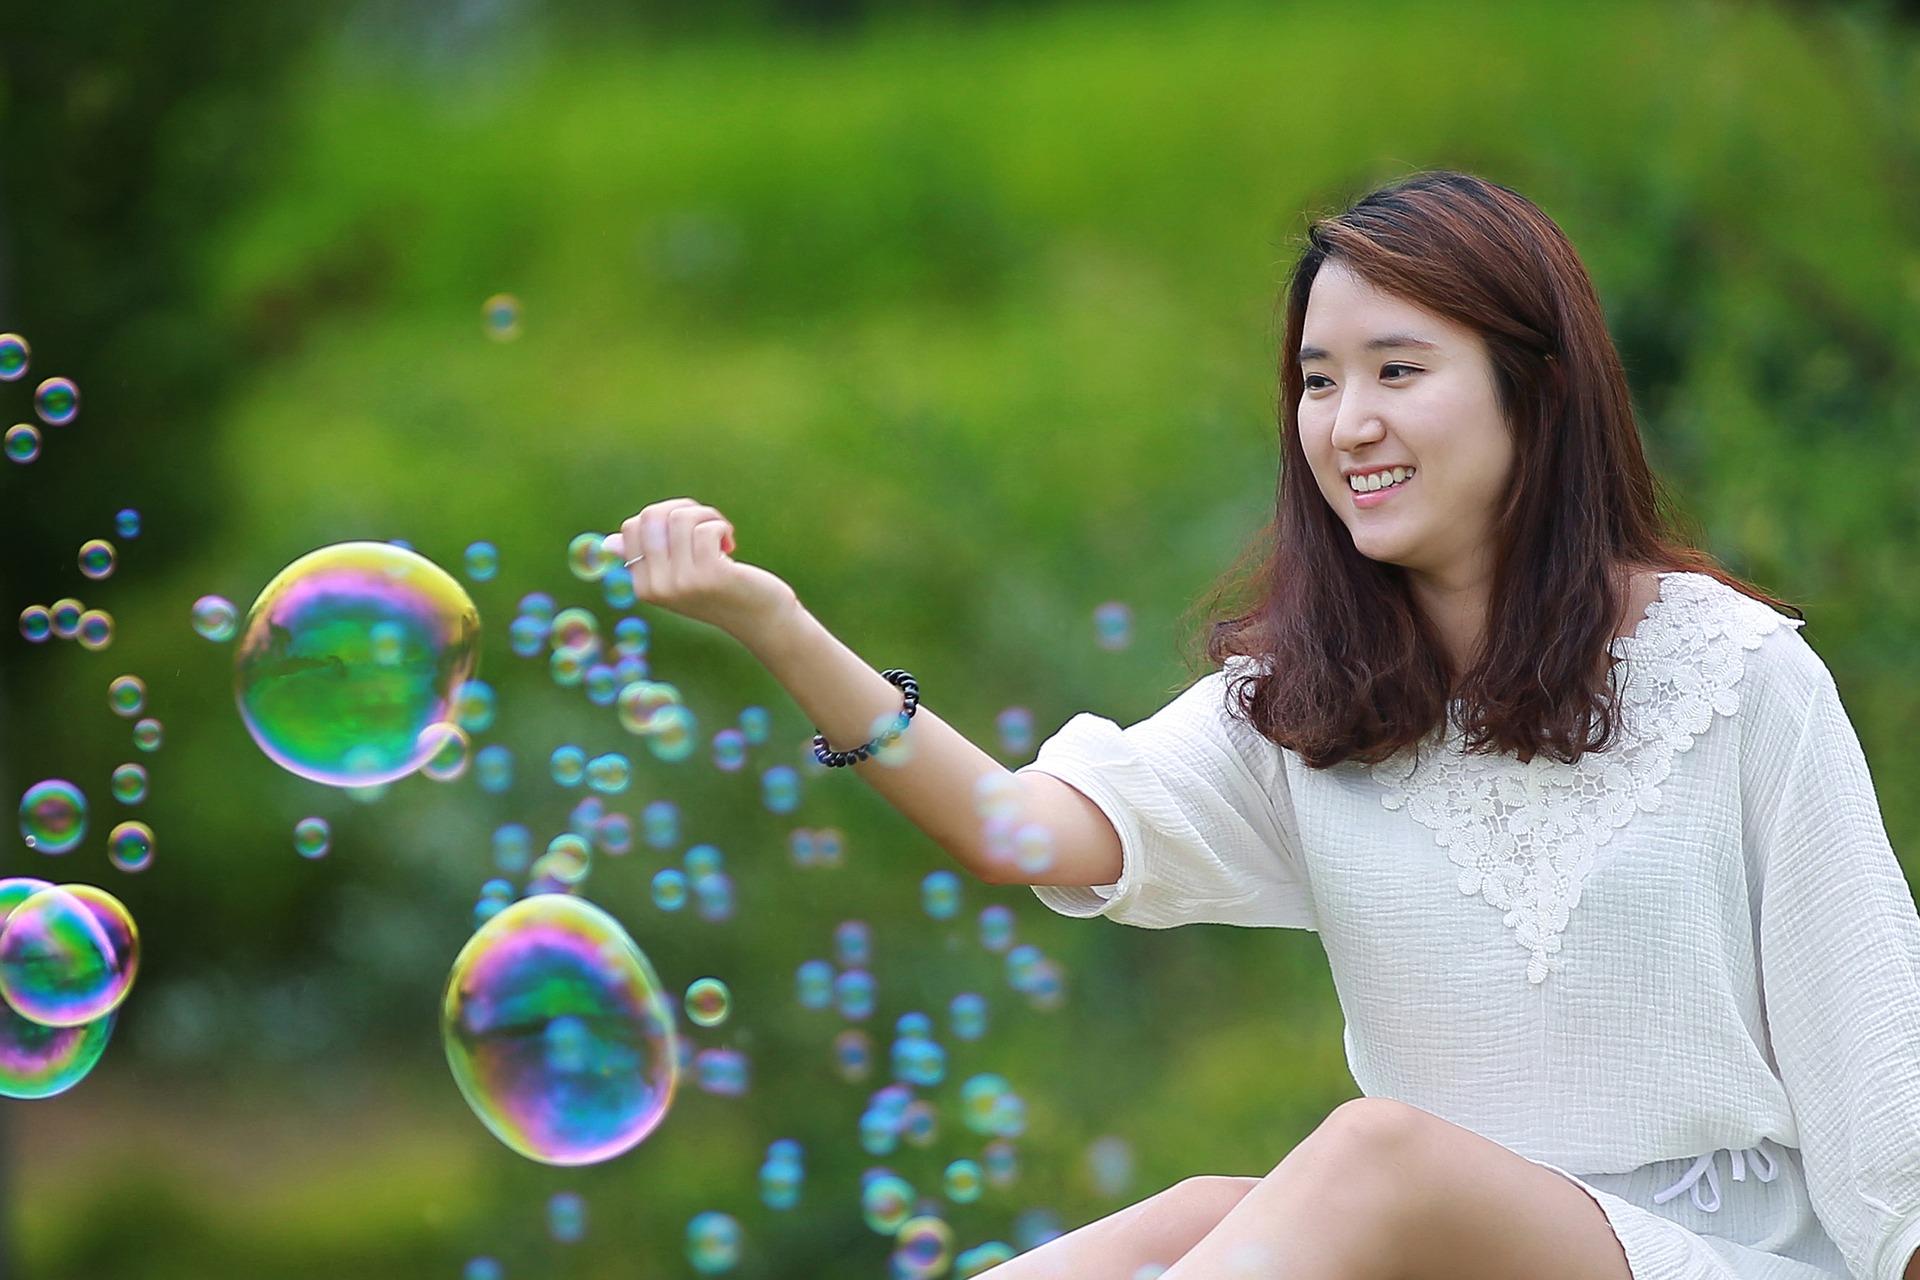 Biar Aman dan Nyaman Perhatikan 7 Tips Memilih Produk Kecantikan Korea - Biar Aman dan Nyaman, Perhatikan 7 Tips Memilih Produk Kecantikan Korea